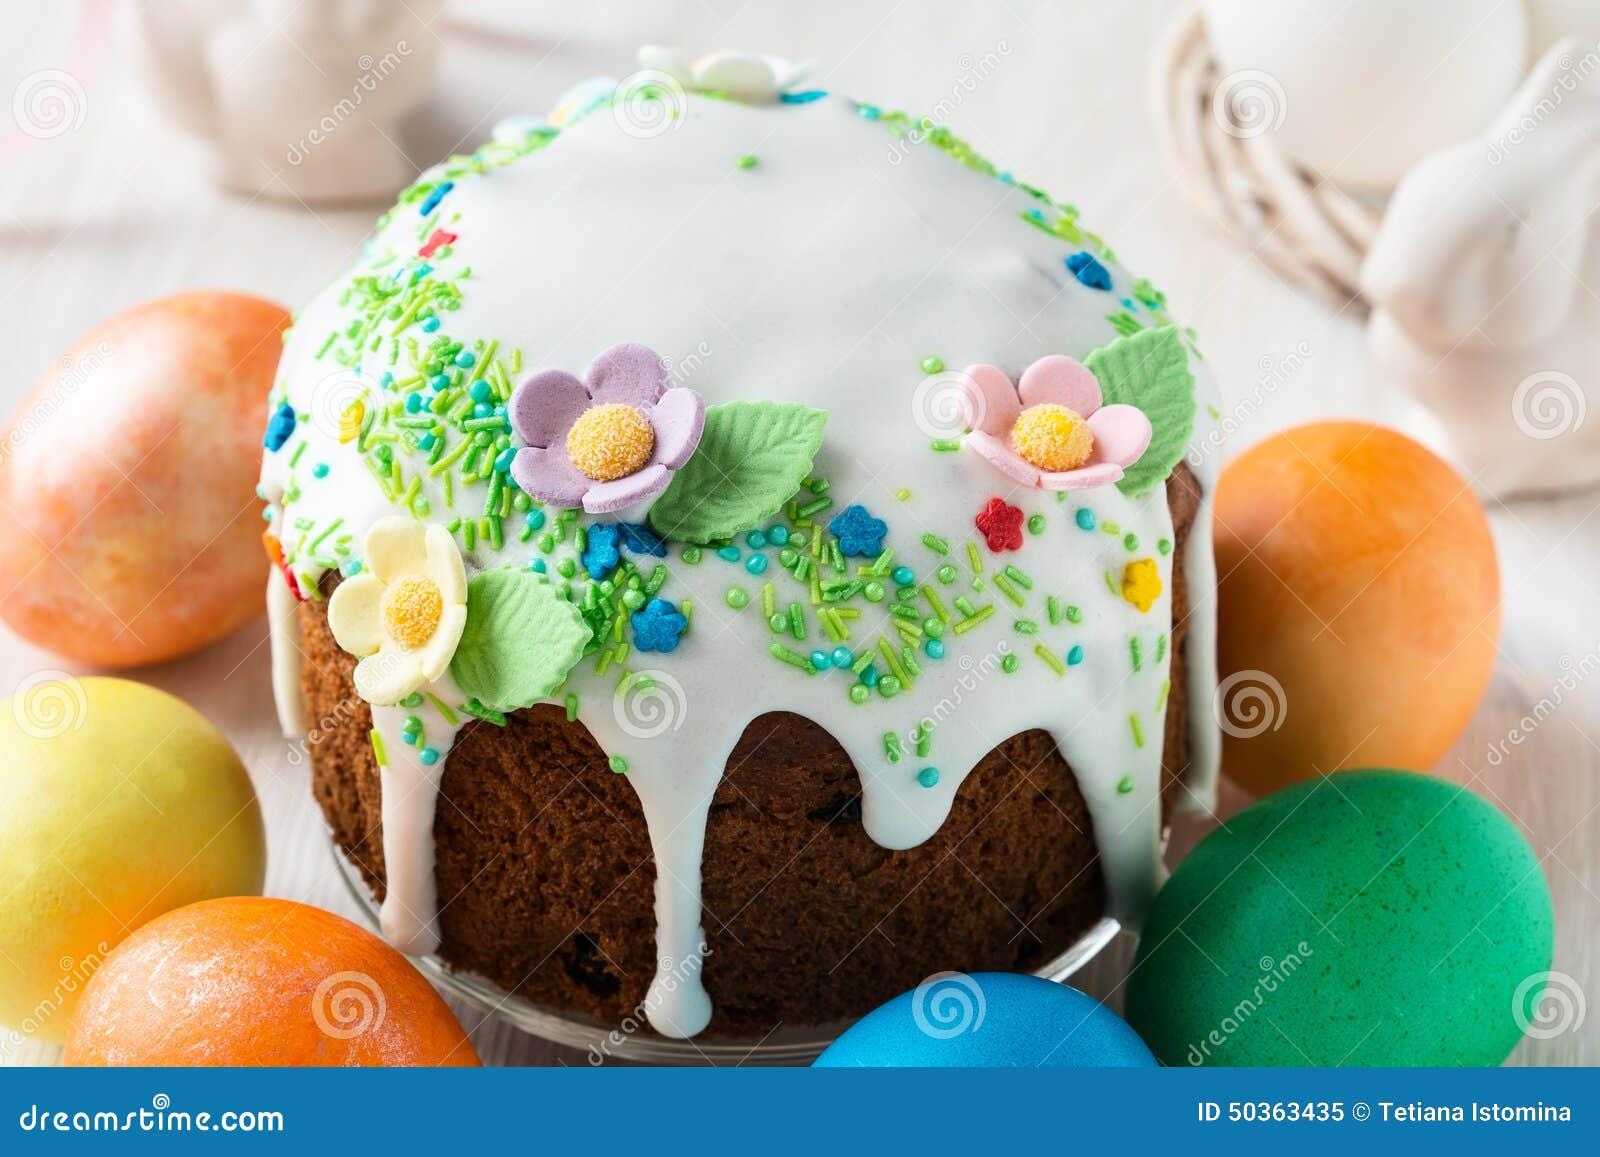 Ostern Kuchen Mit Glace Zuckerglasur Und Dekoration Stockbild Bild